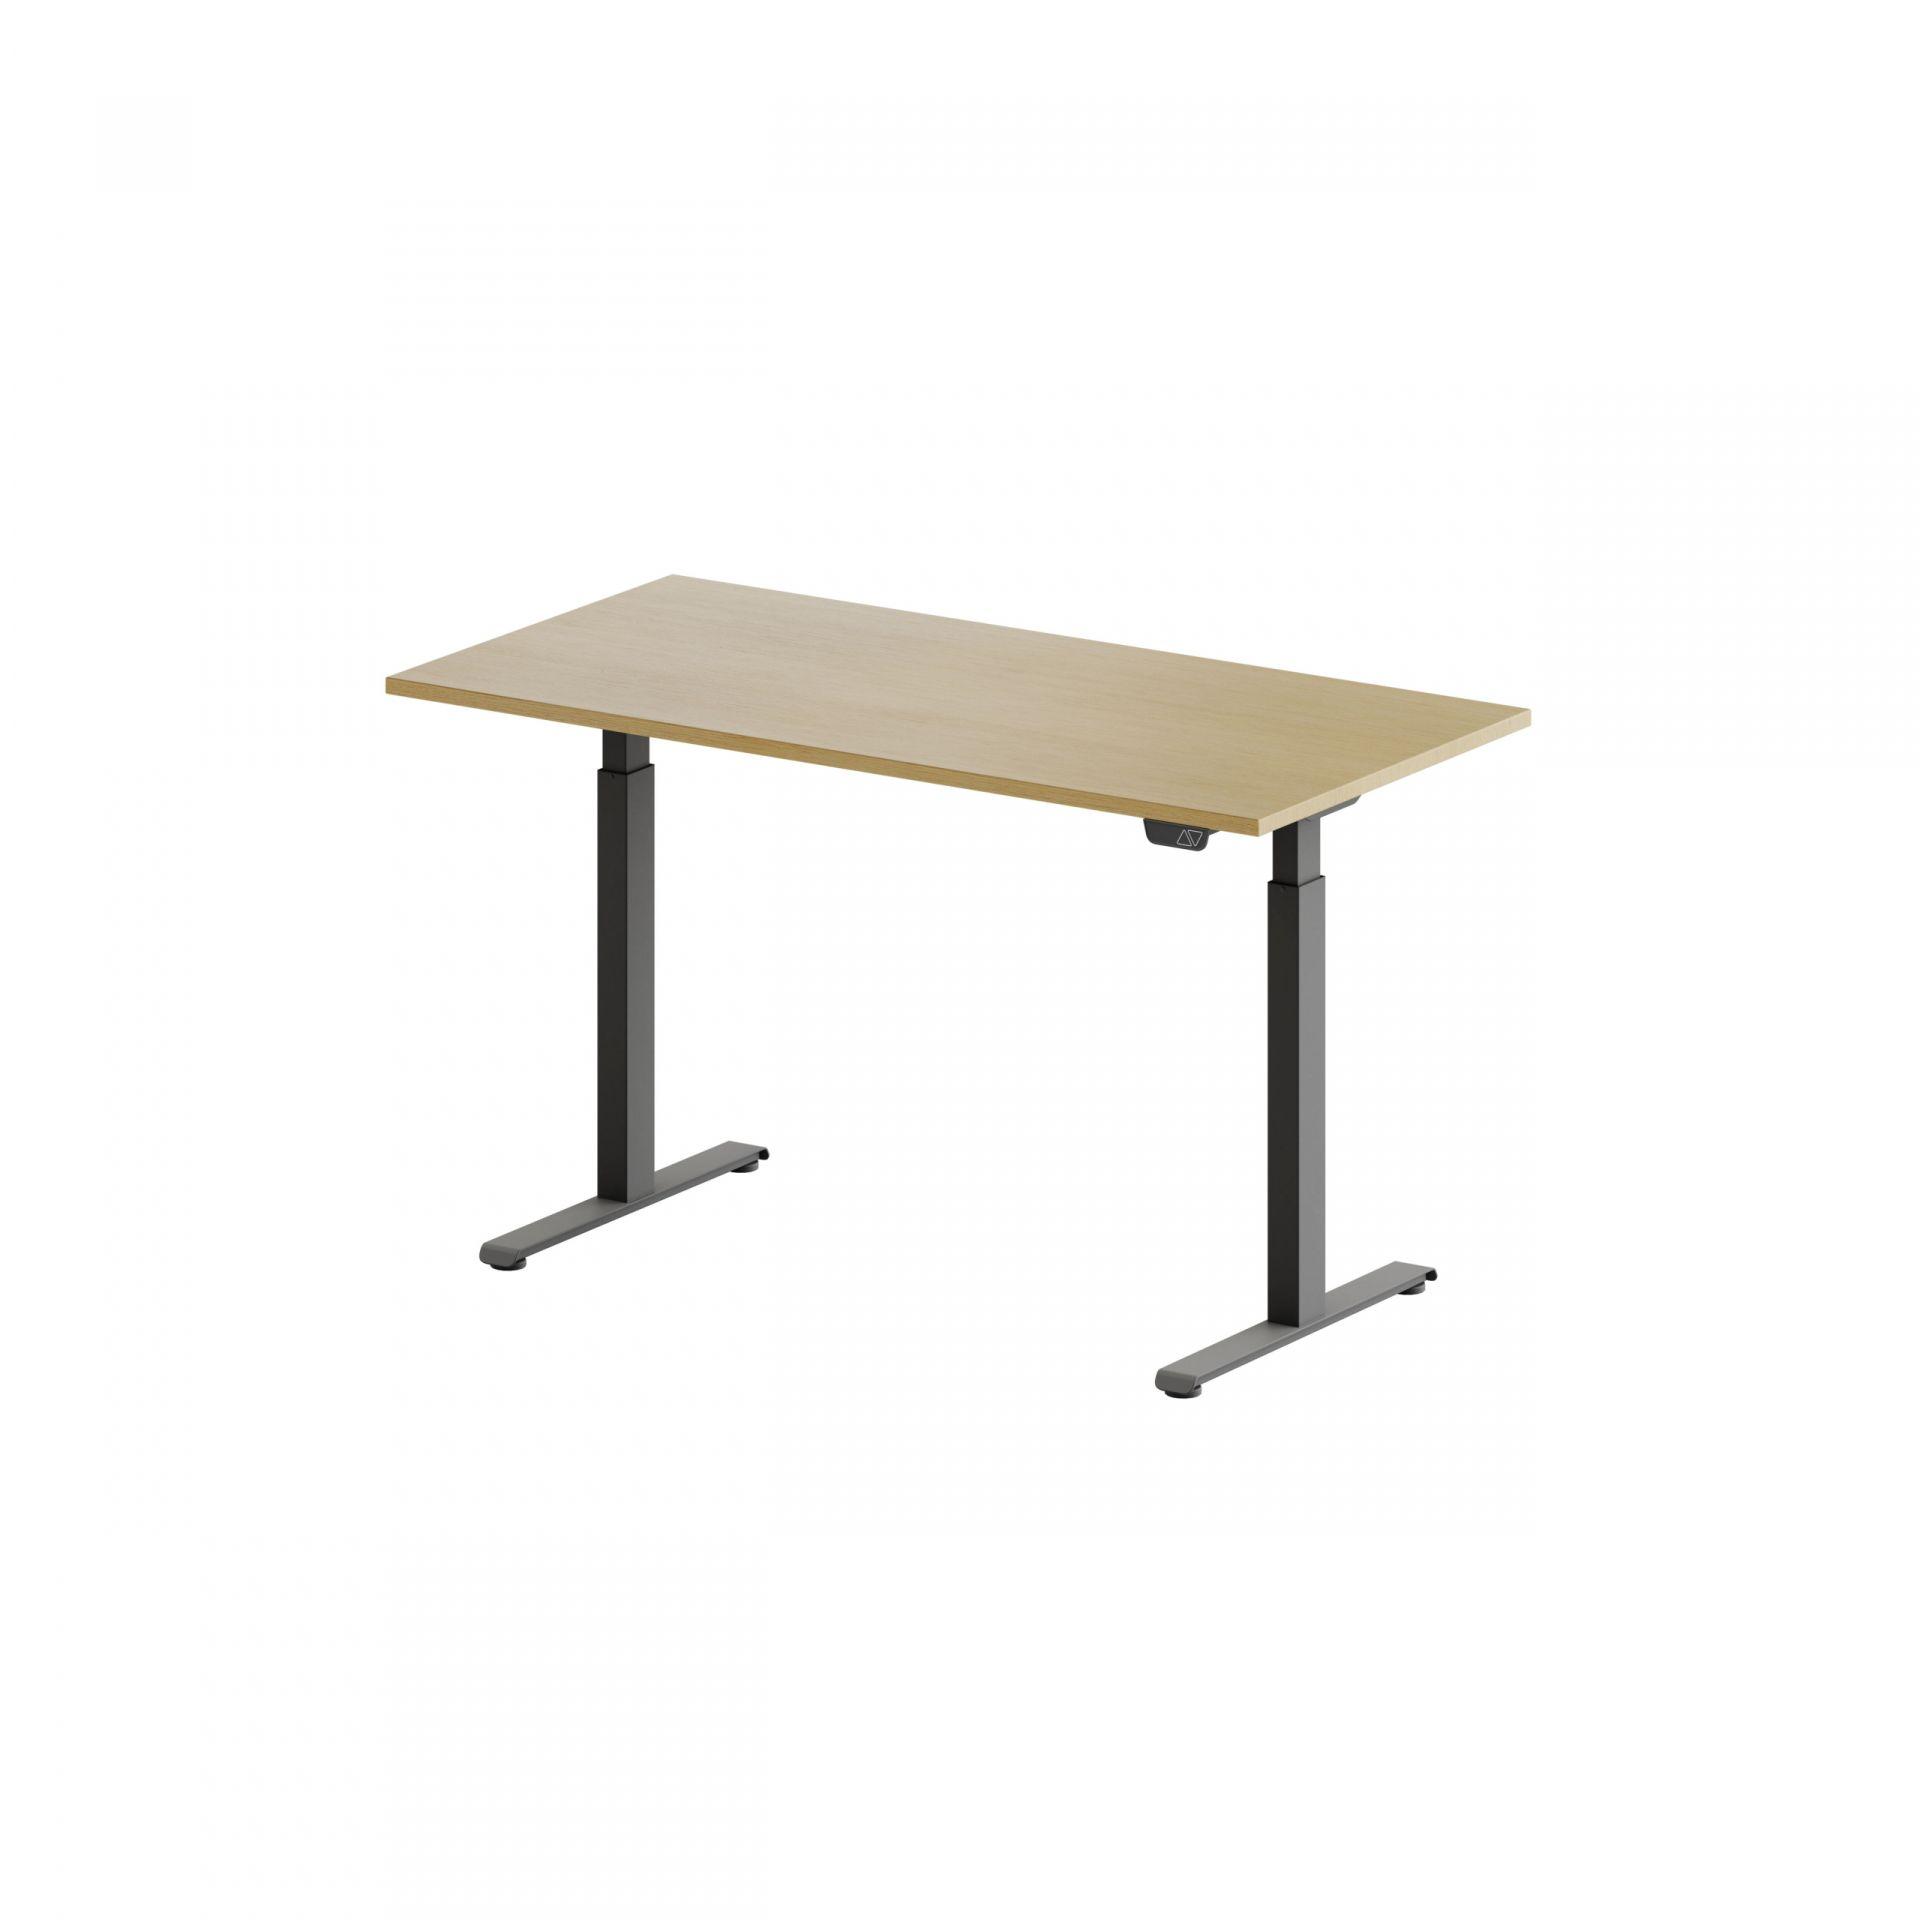 Neet Skrivbord sitt/stå produktbild 2